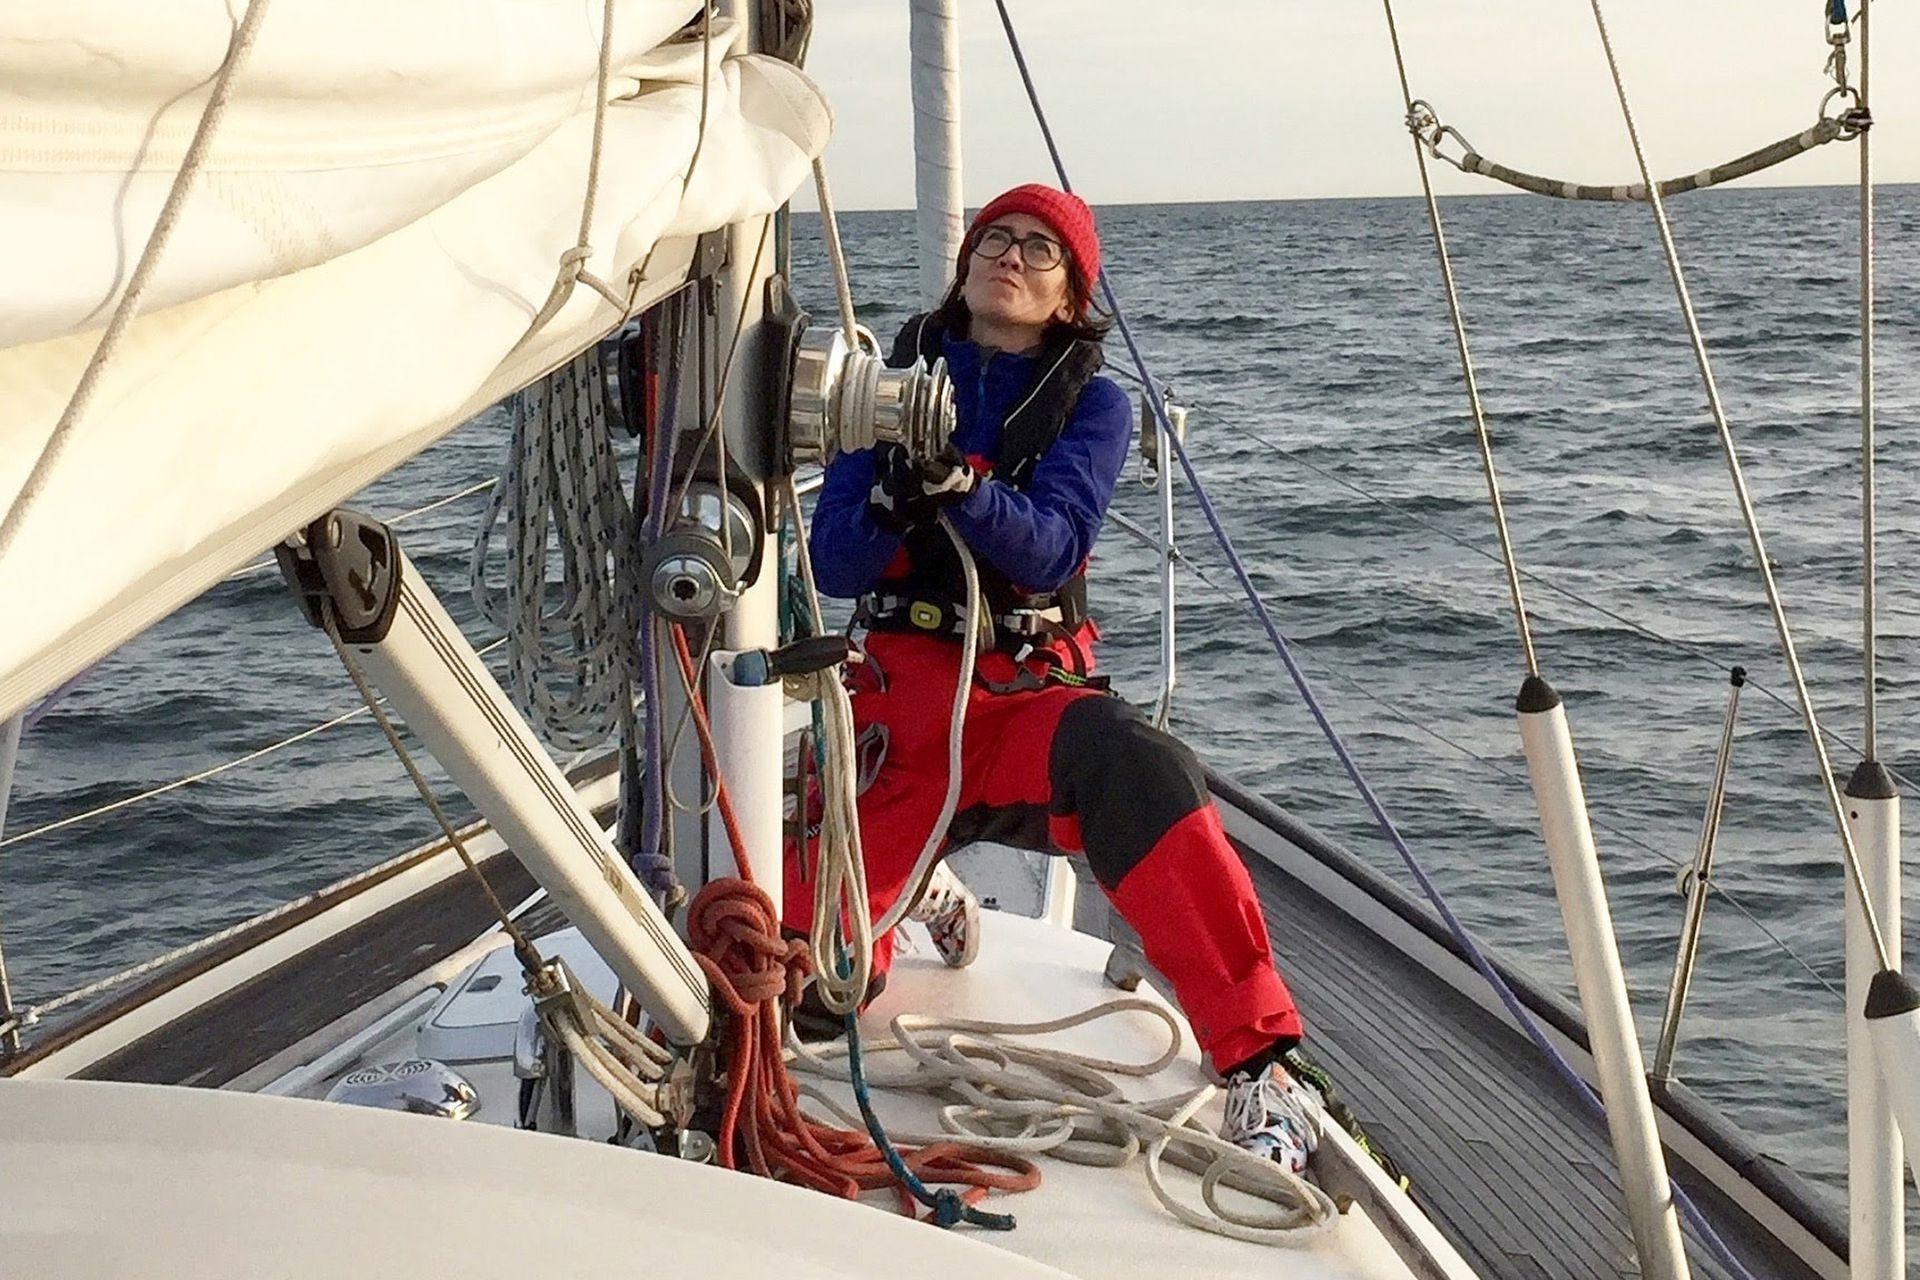 El viaje a bordo del velero Fanky duró seis meses